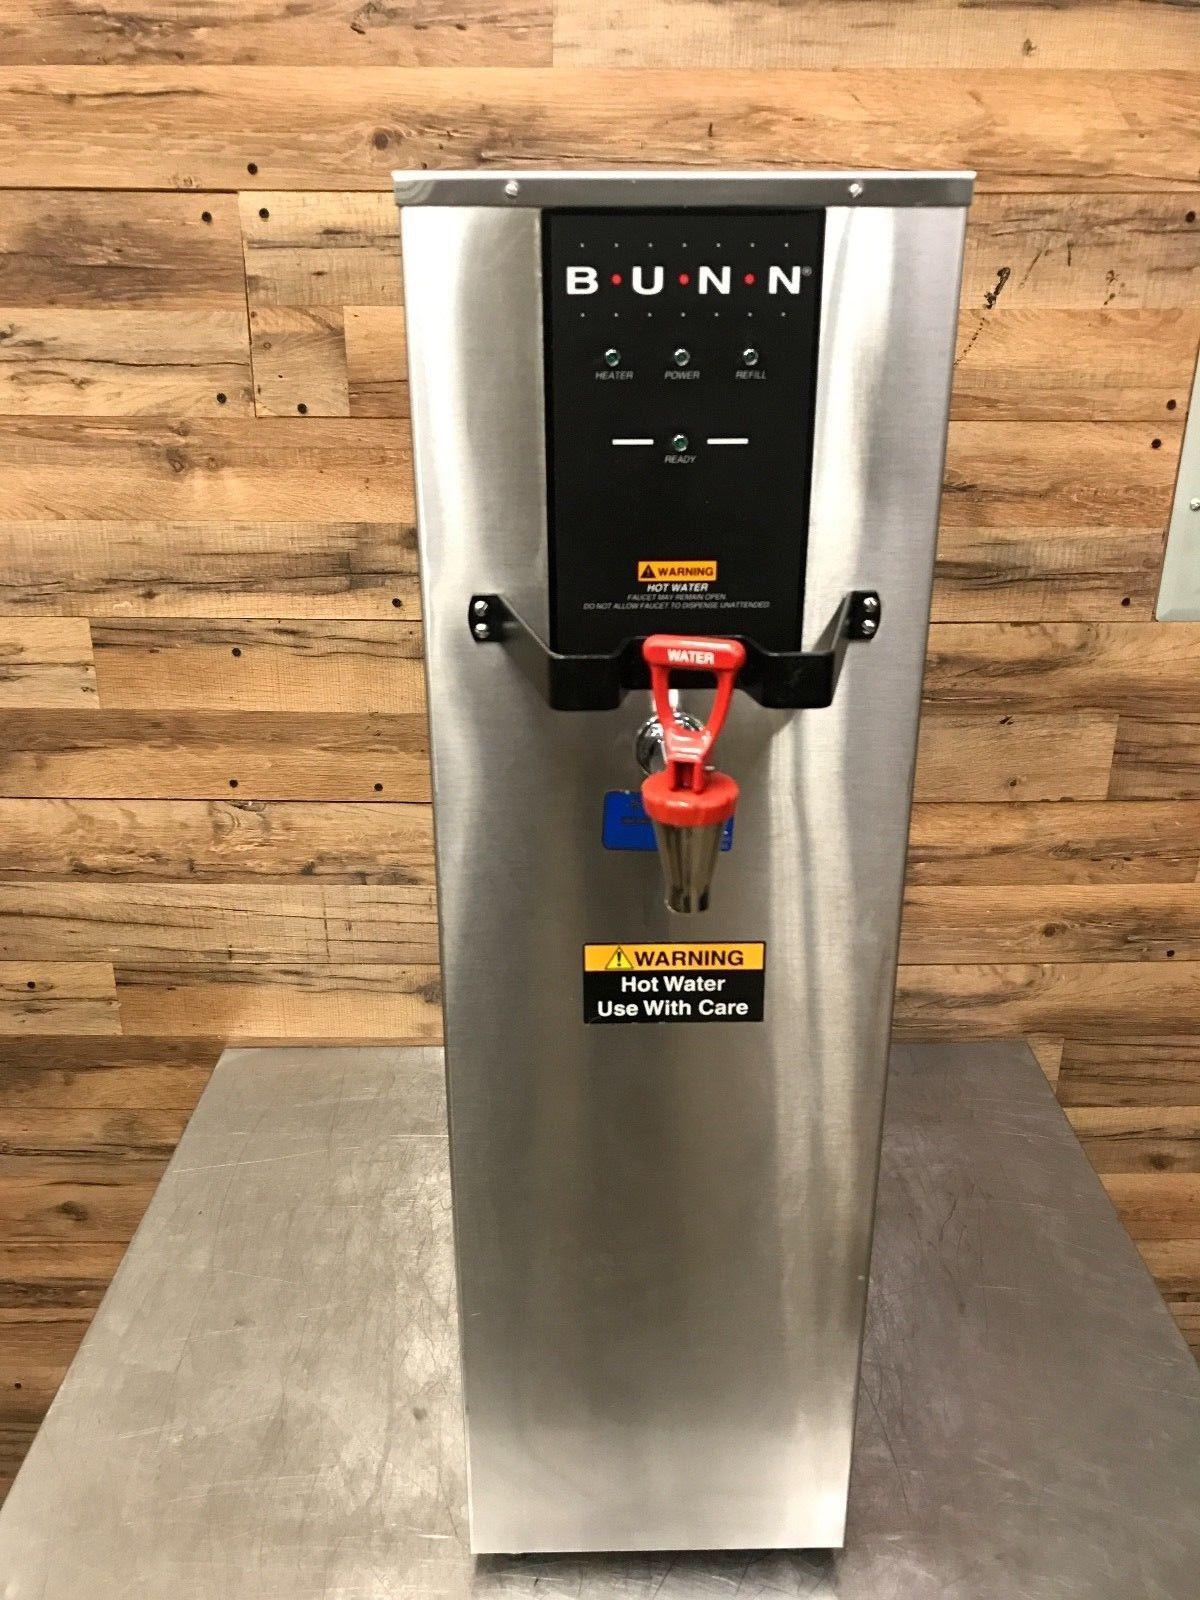 Bunn Hot Water Dispenser